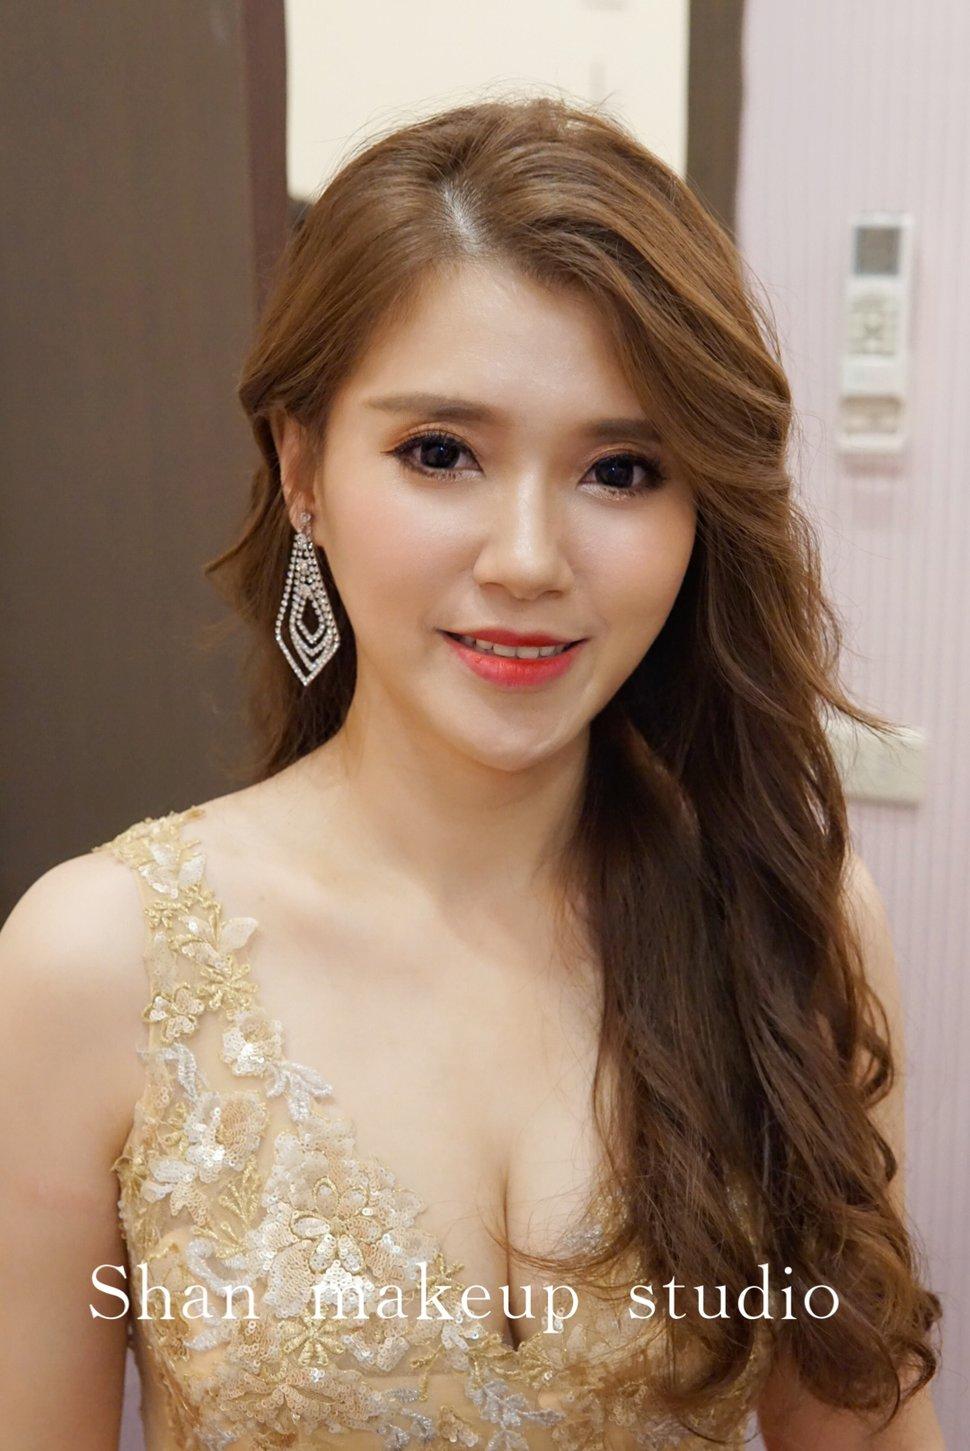 IMG_9612 - 湘翎Shan Makeup studio《結婚吧》